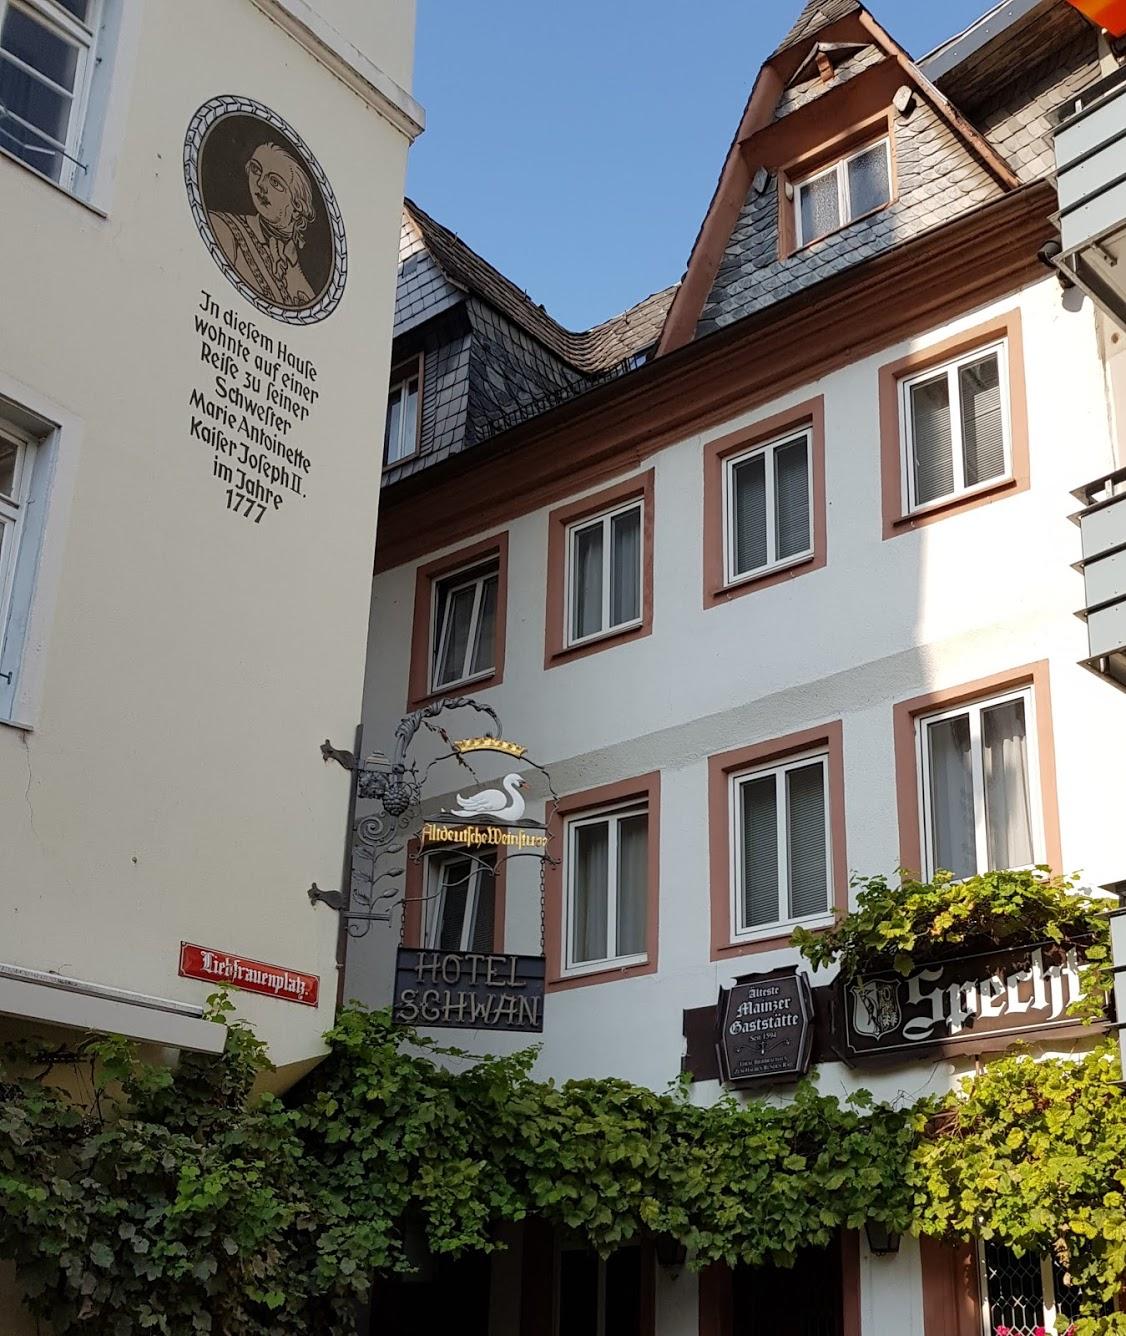 Mainz - Foto 1 Gisela Kentmann